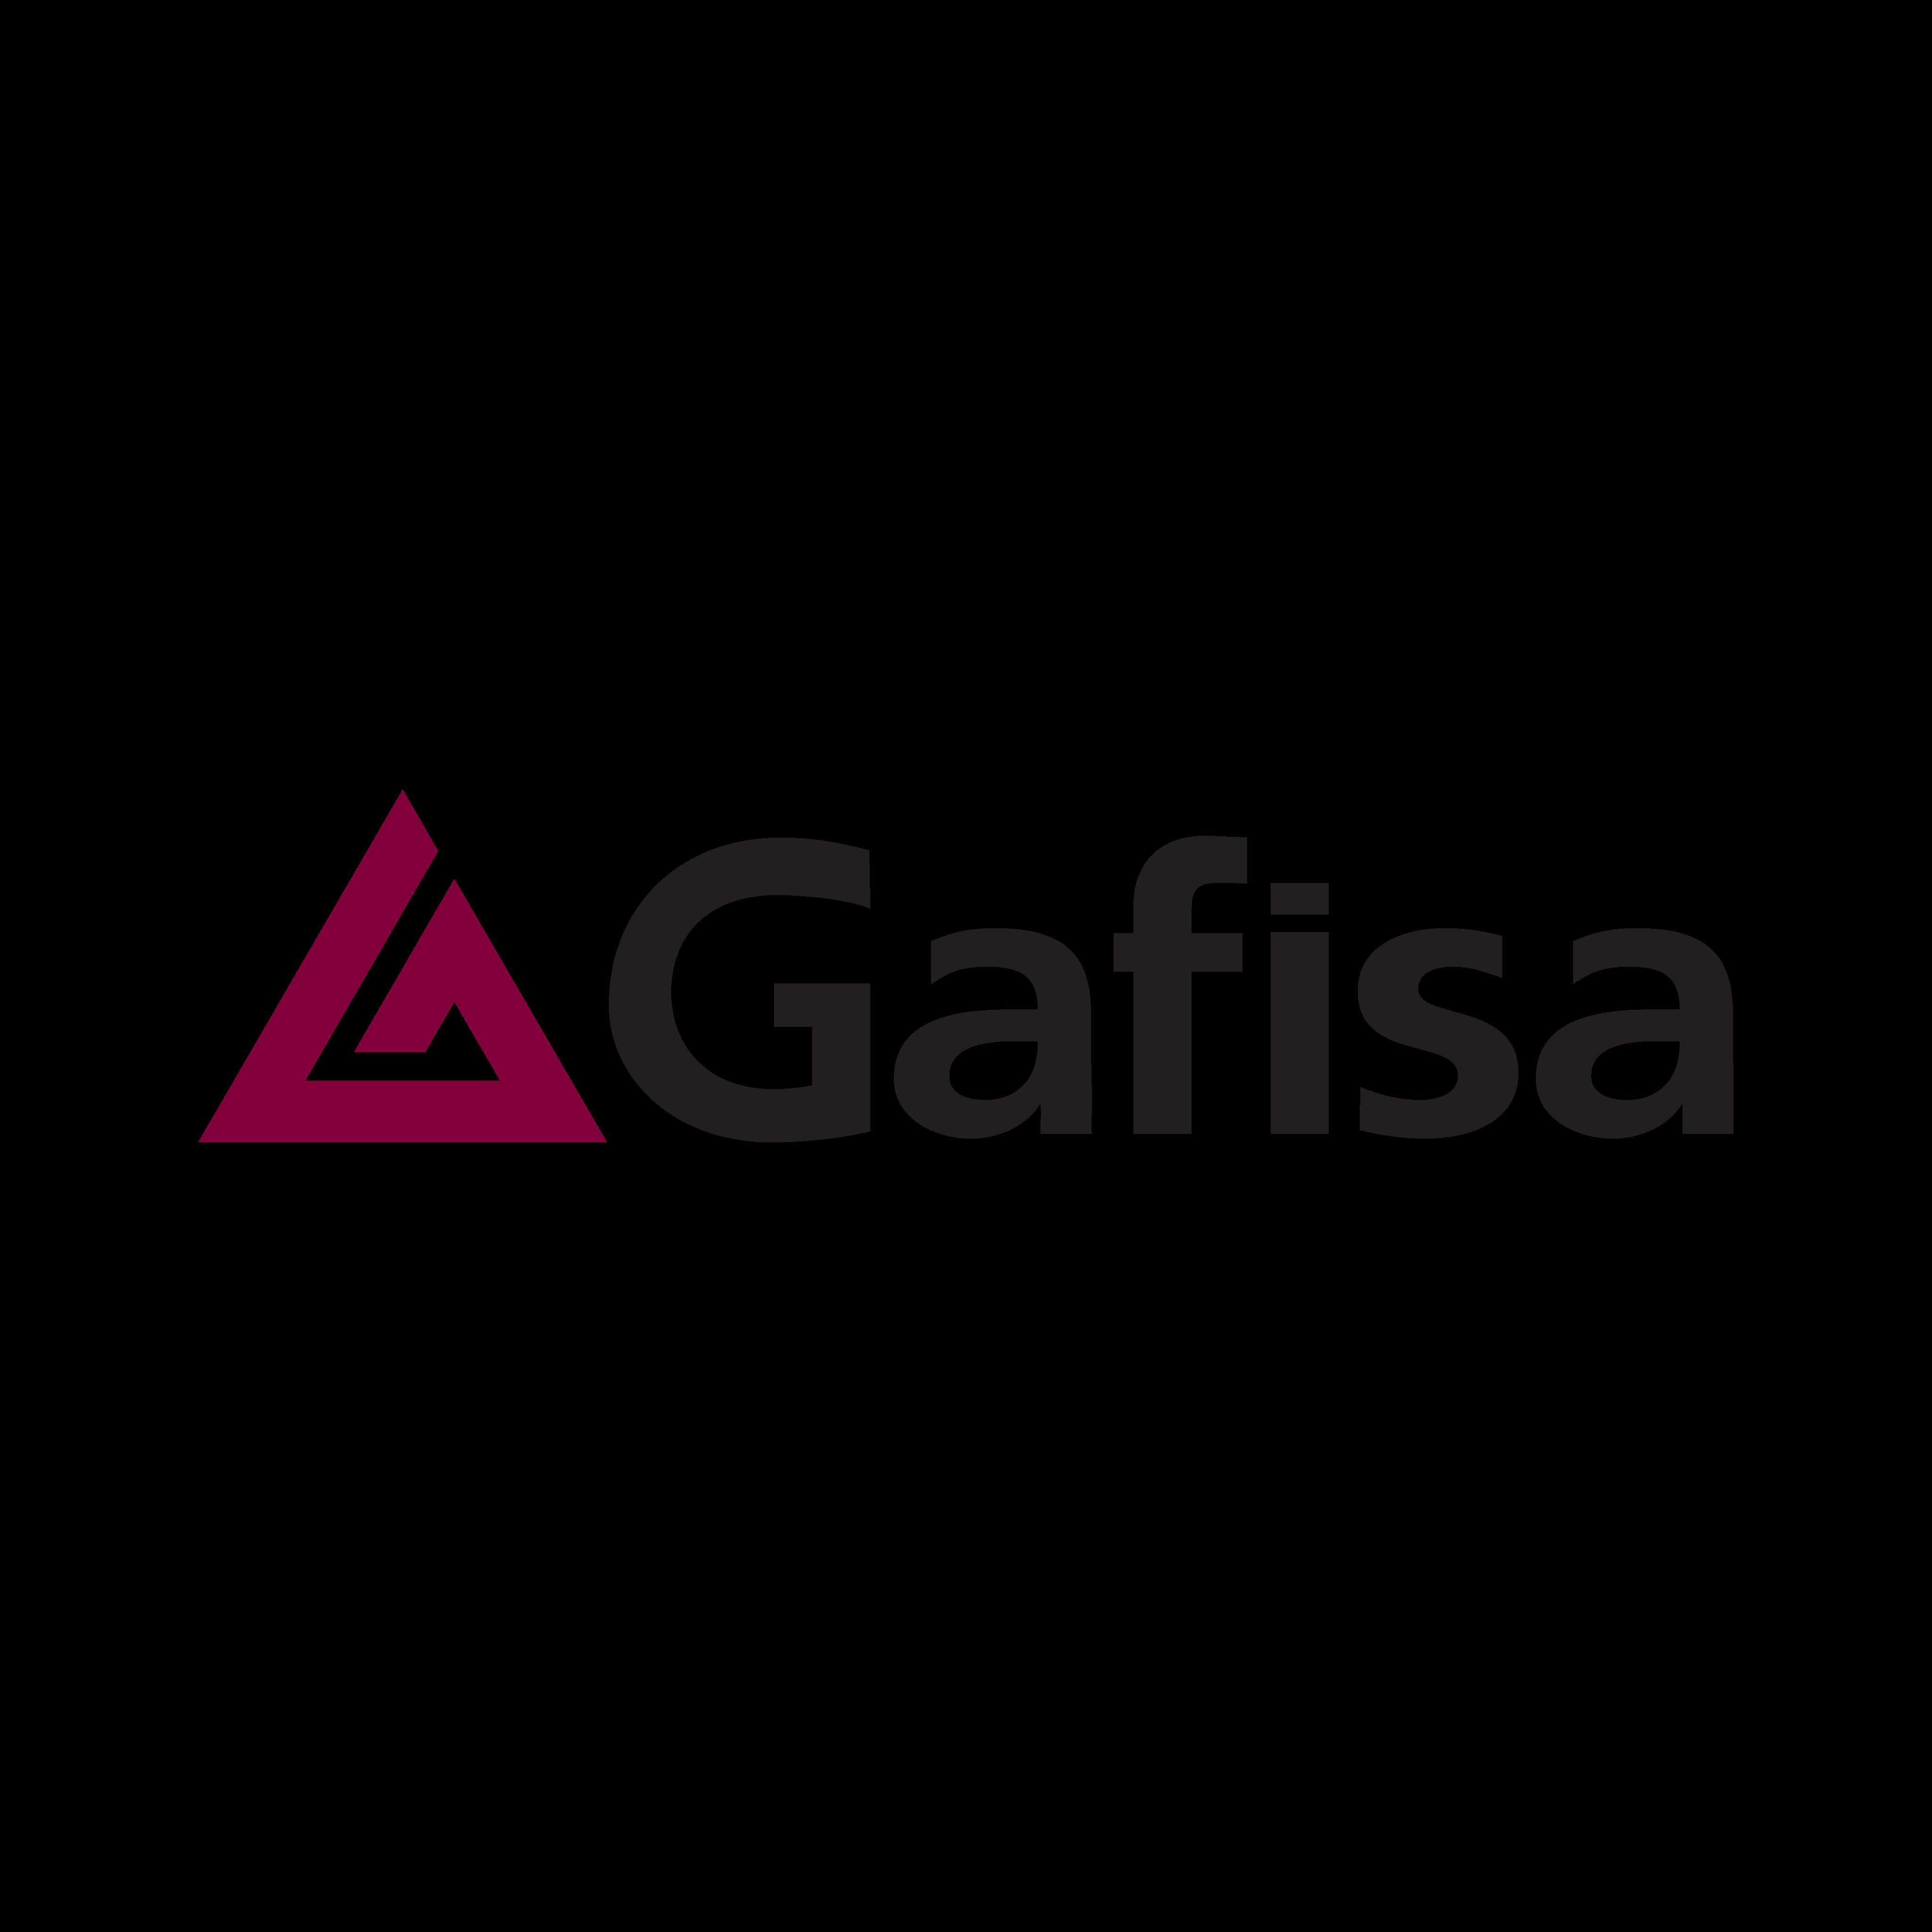 gafisa logo 0 1 - Gafisa Logo